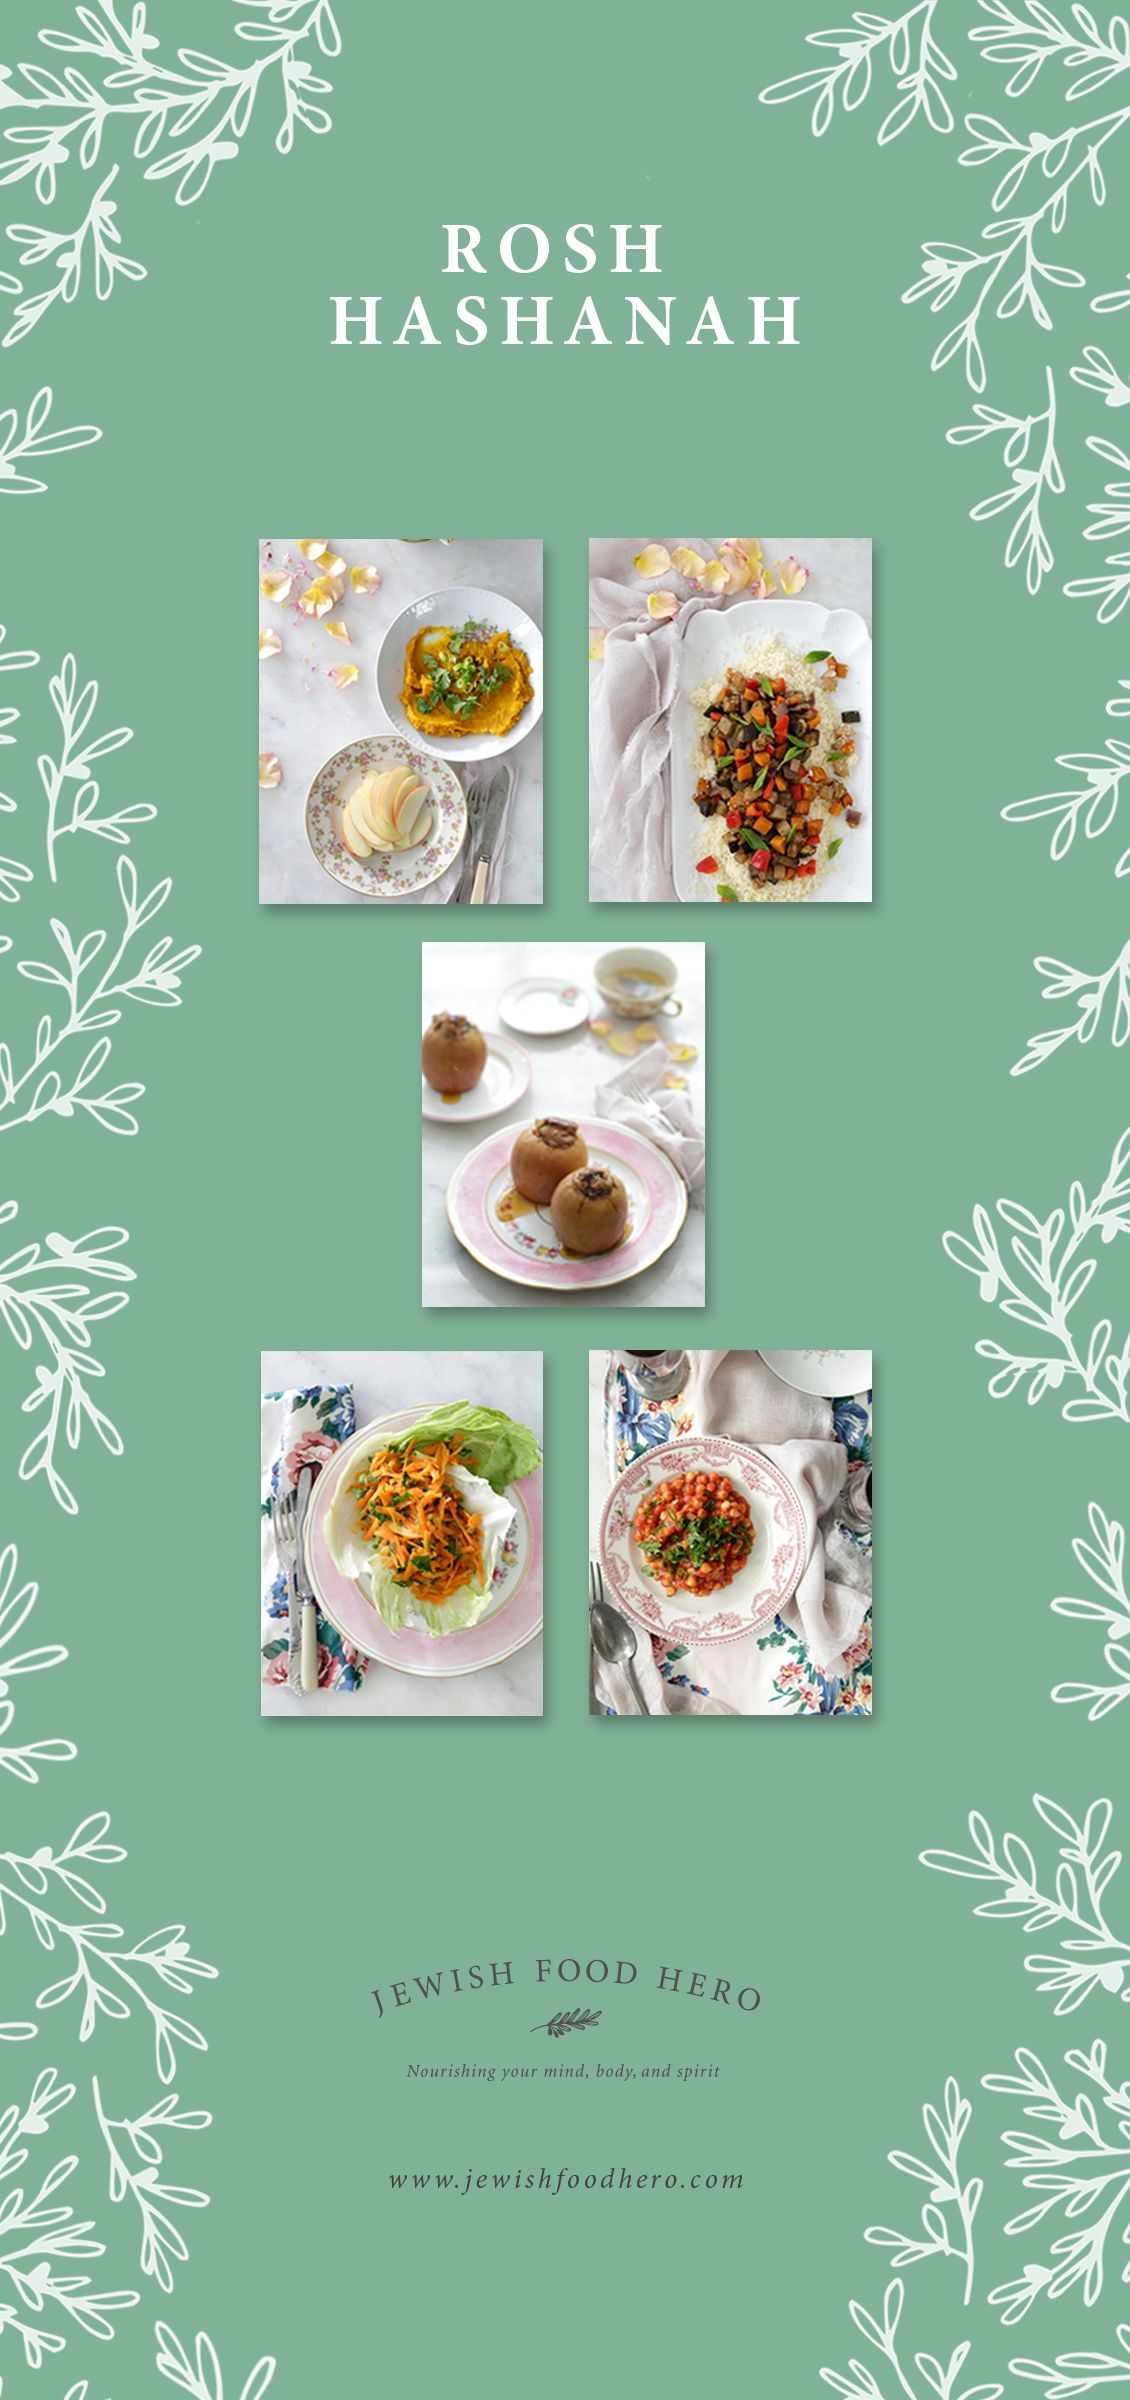 Rosh hashanah plant based menu by jewish food hero rosh hashanah rosh hashanah plant based menu by jewish food hero kristyandbryce Choice Image